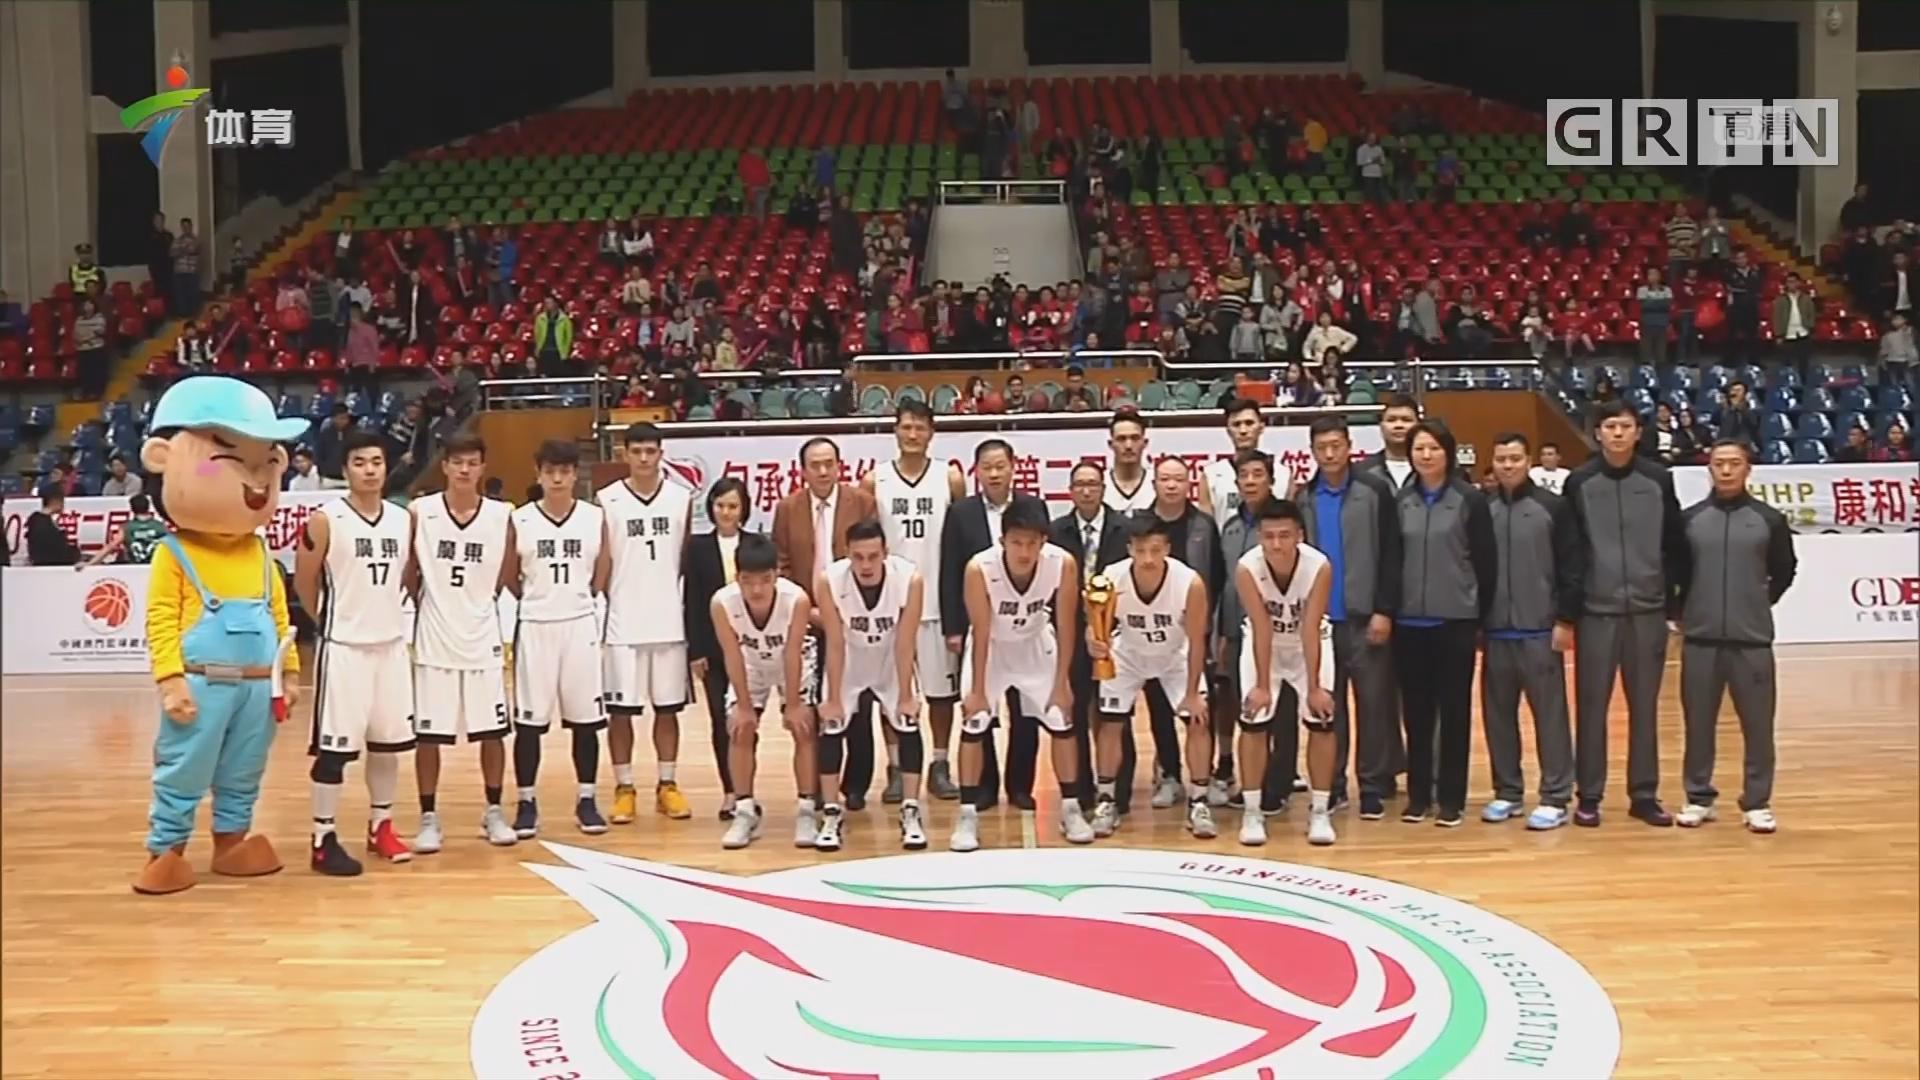 主场再捷 广东队蝉联粤澳杯篮球赛冠军